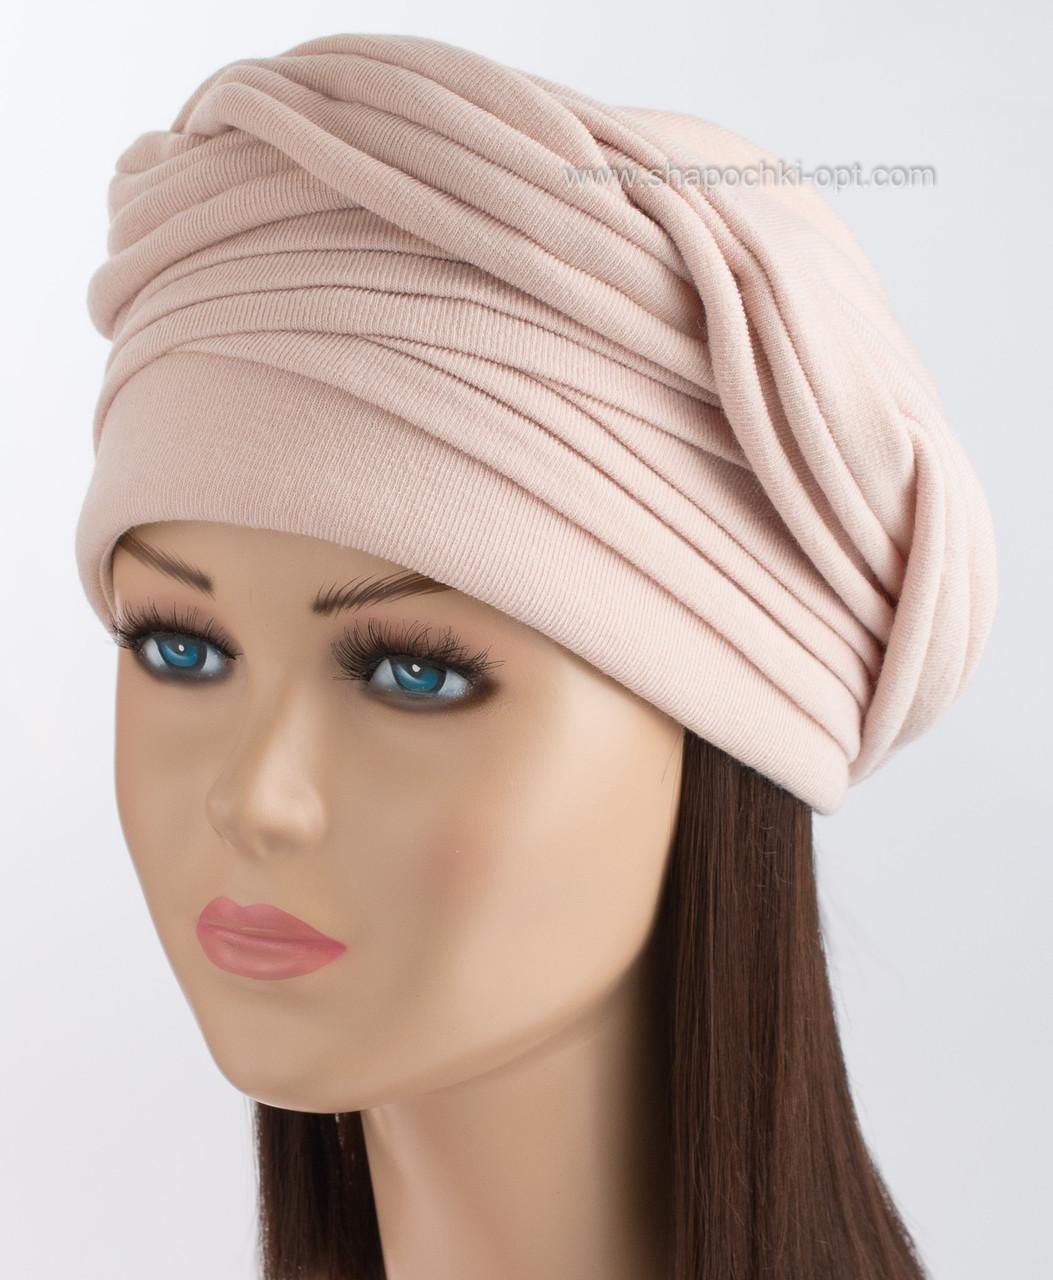 Трикотажная шапка женская Ника бежевого цвета